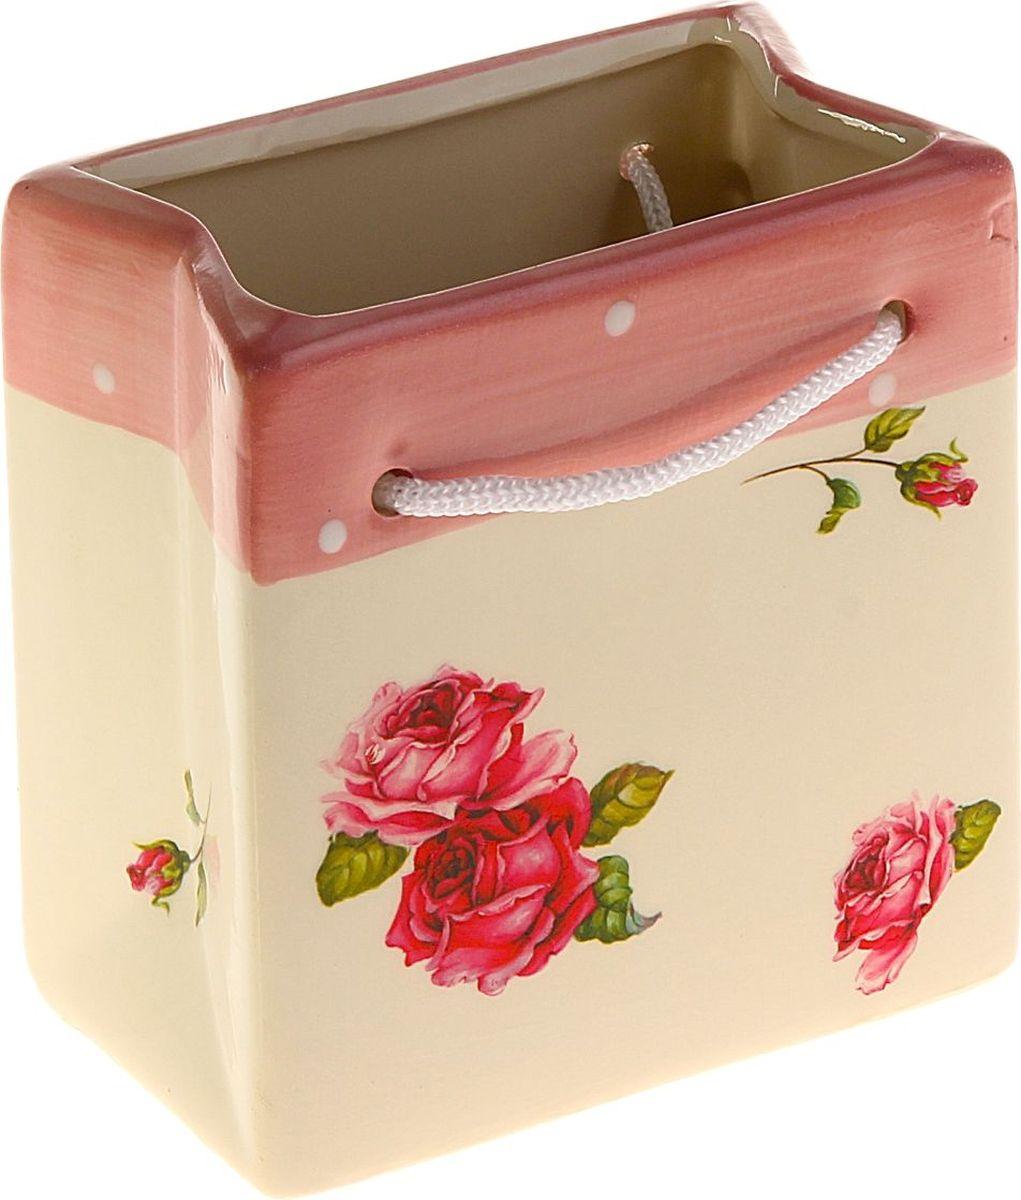 Кашпо Розы, цвет: кремовый, розовый, 11 х 7 х 12 см829935Комнатные растения — всеобщие любимцы. Они радуют глаз, насыщают помещение кислородом и украшают пространство. Каждому из них необходим свой удобный и красивый дом. Кашпо из керамики прекрасно подходят для высадки растений: за счёт пластичности глины и разных способов обработки существует великое множество форм и дизайновпористый материал позволяет испаряться лишней влагевоздух, необходимый для дыхания корней, проникает сквозь керамические стенки! #name# позаботится о зелёном питомце, освежит интерьер и подчеркнёт его стиль.